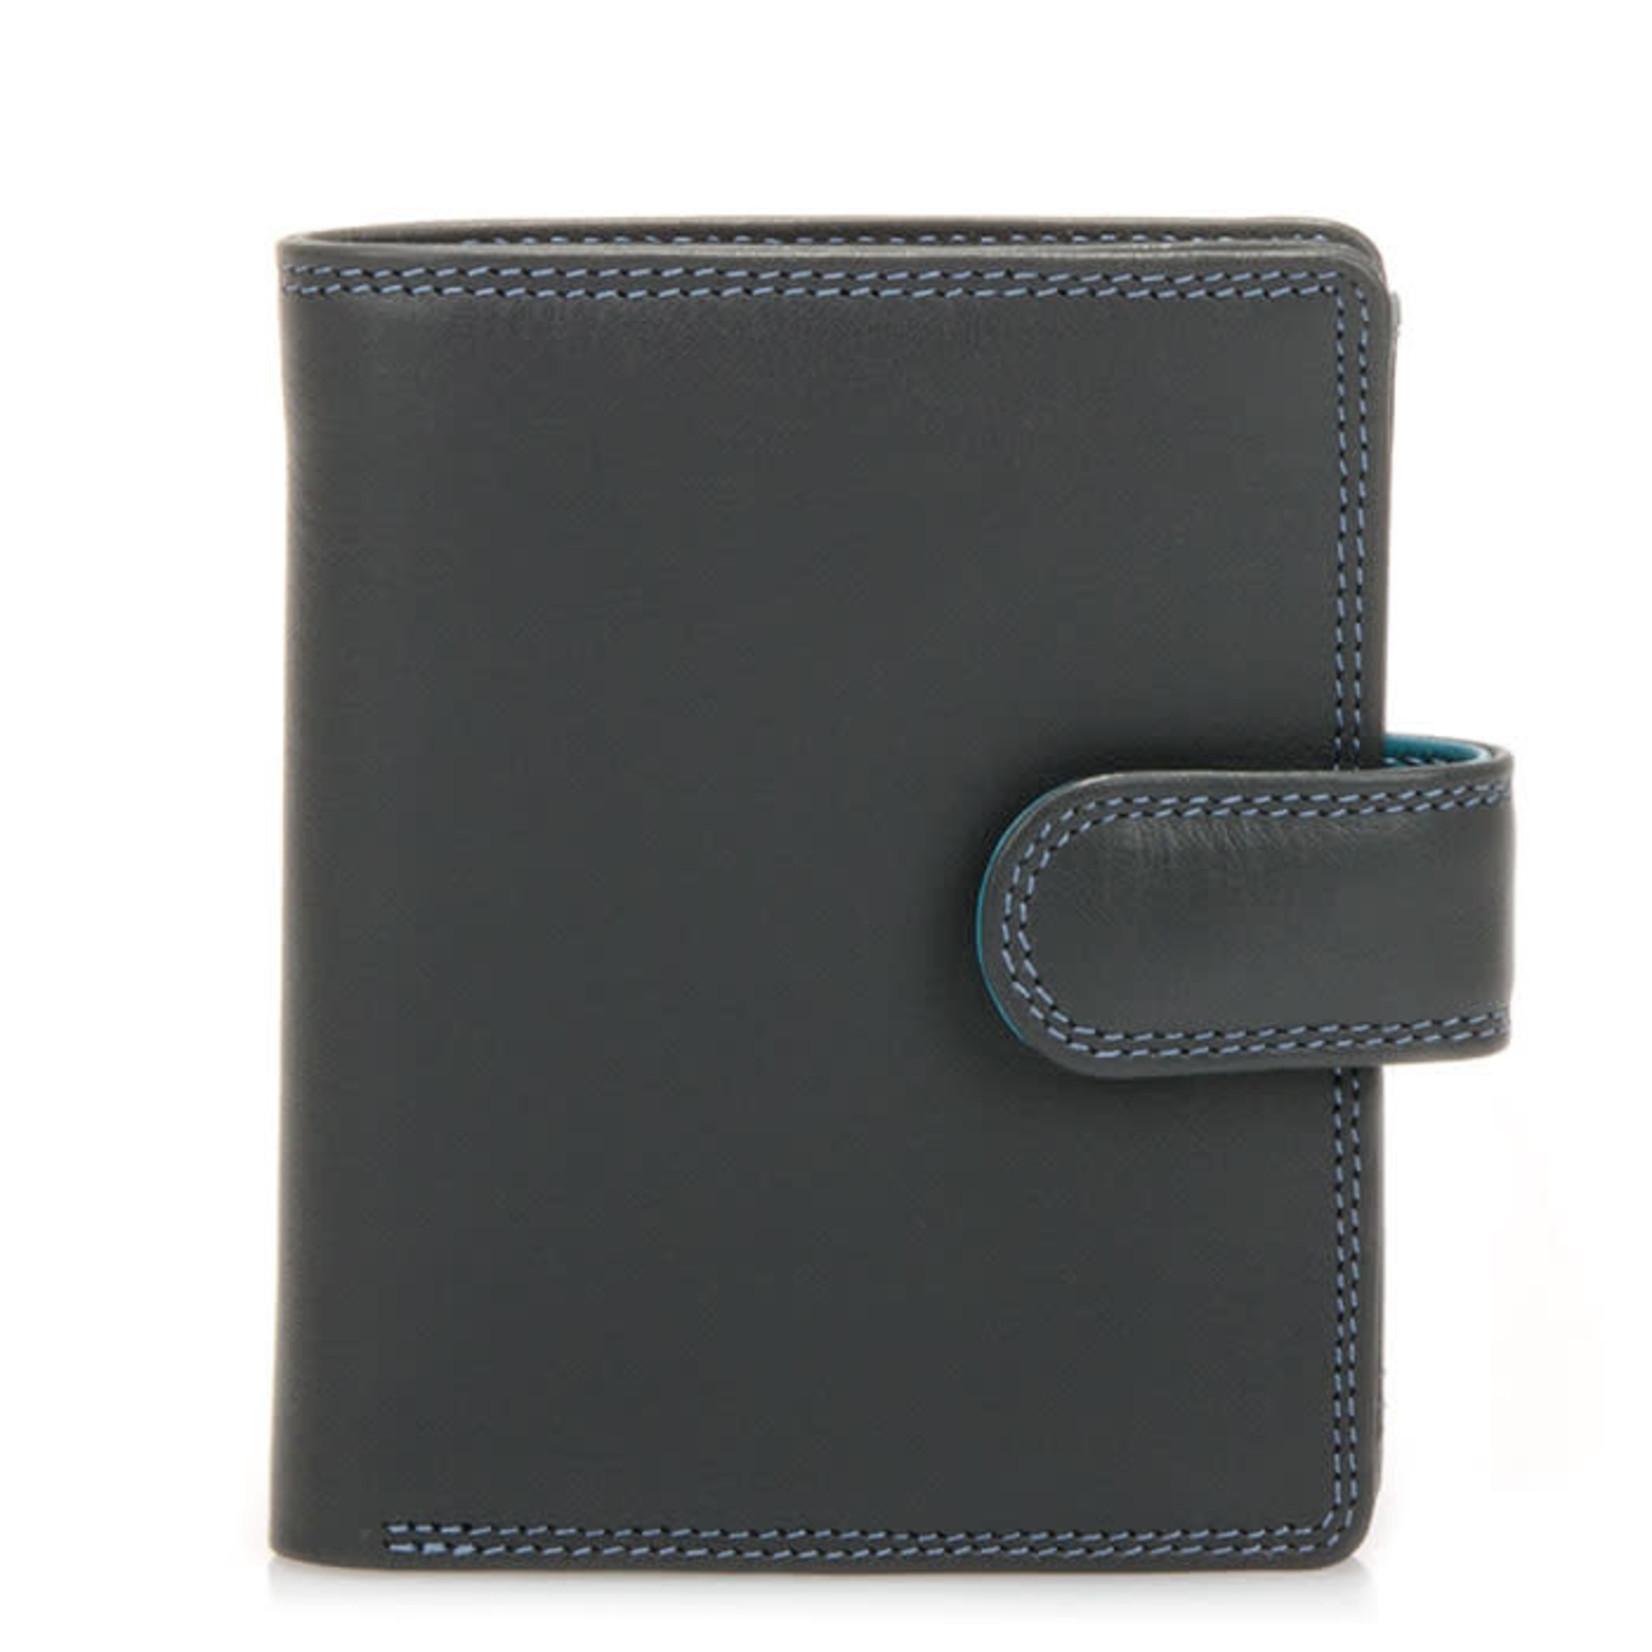 MyWalit Tri Fold Tab Wallet Smokey Grey